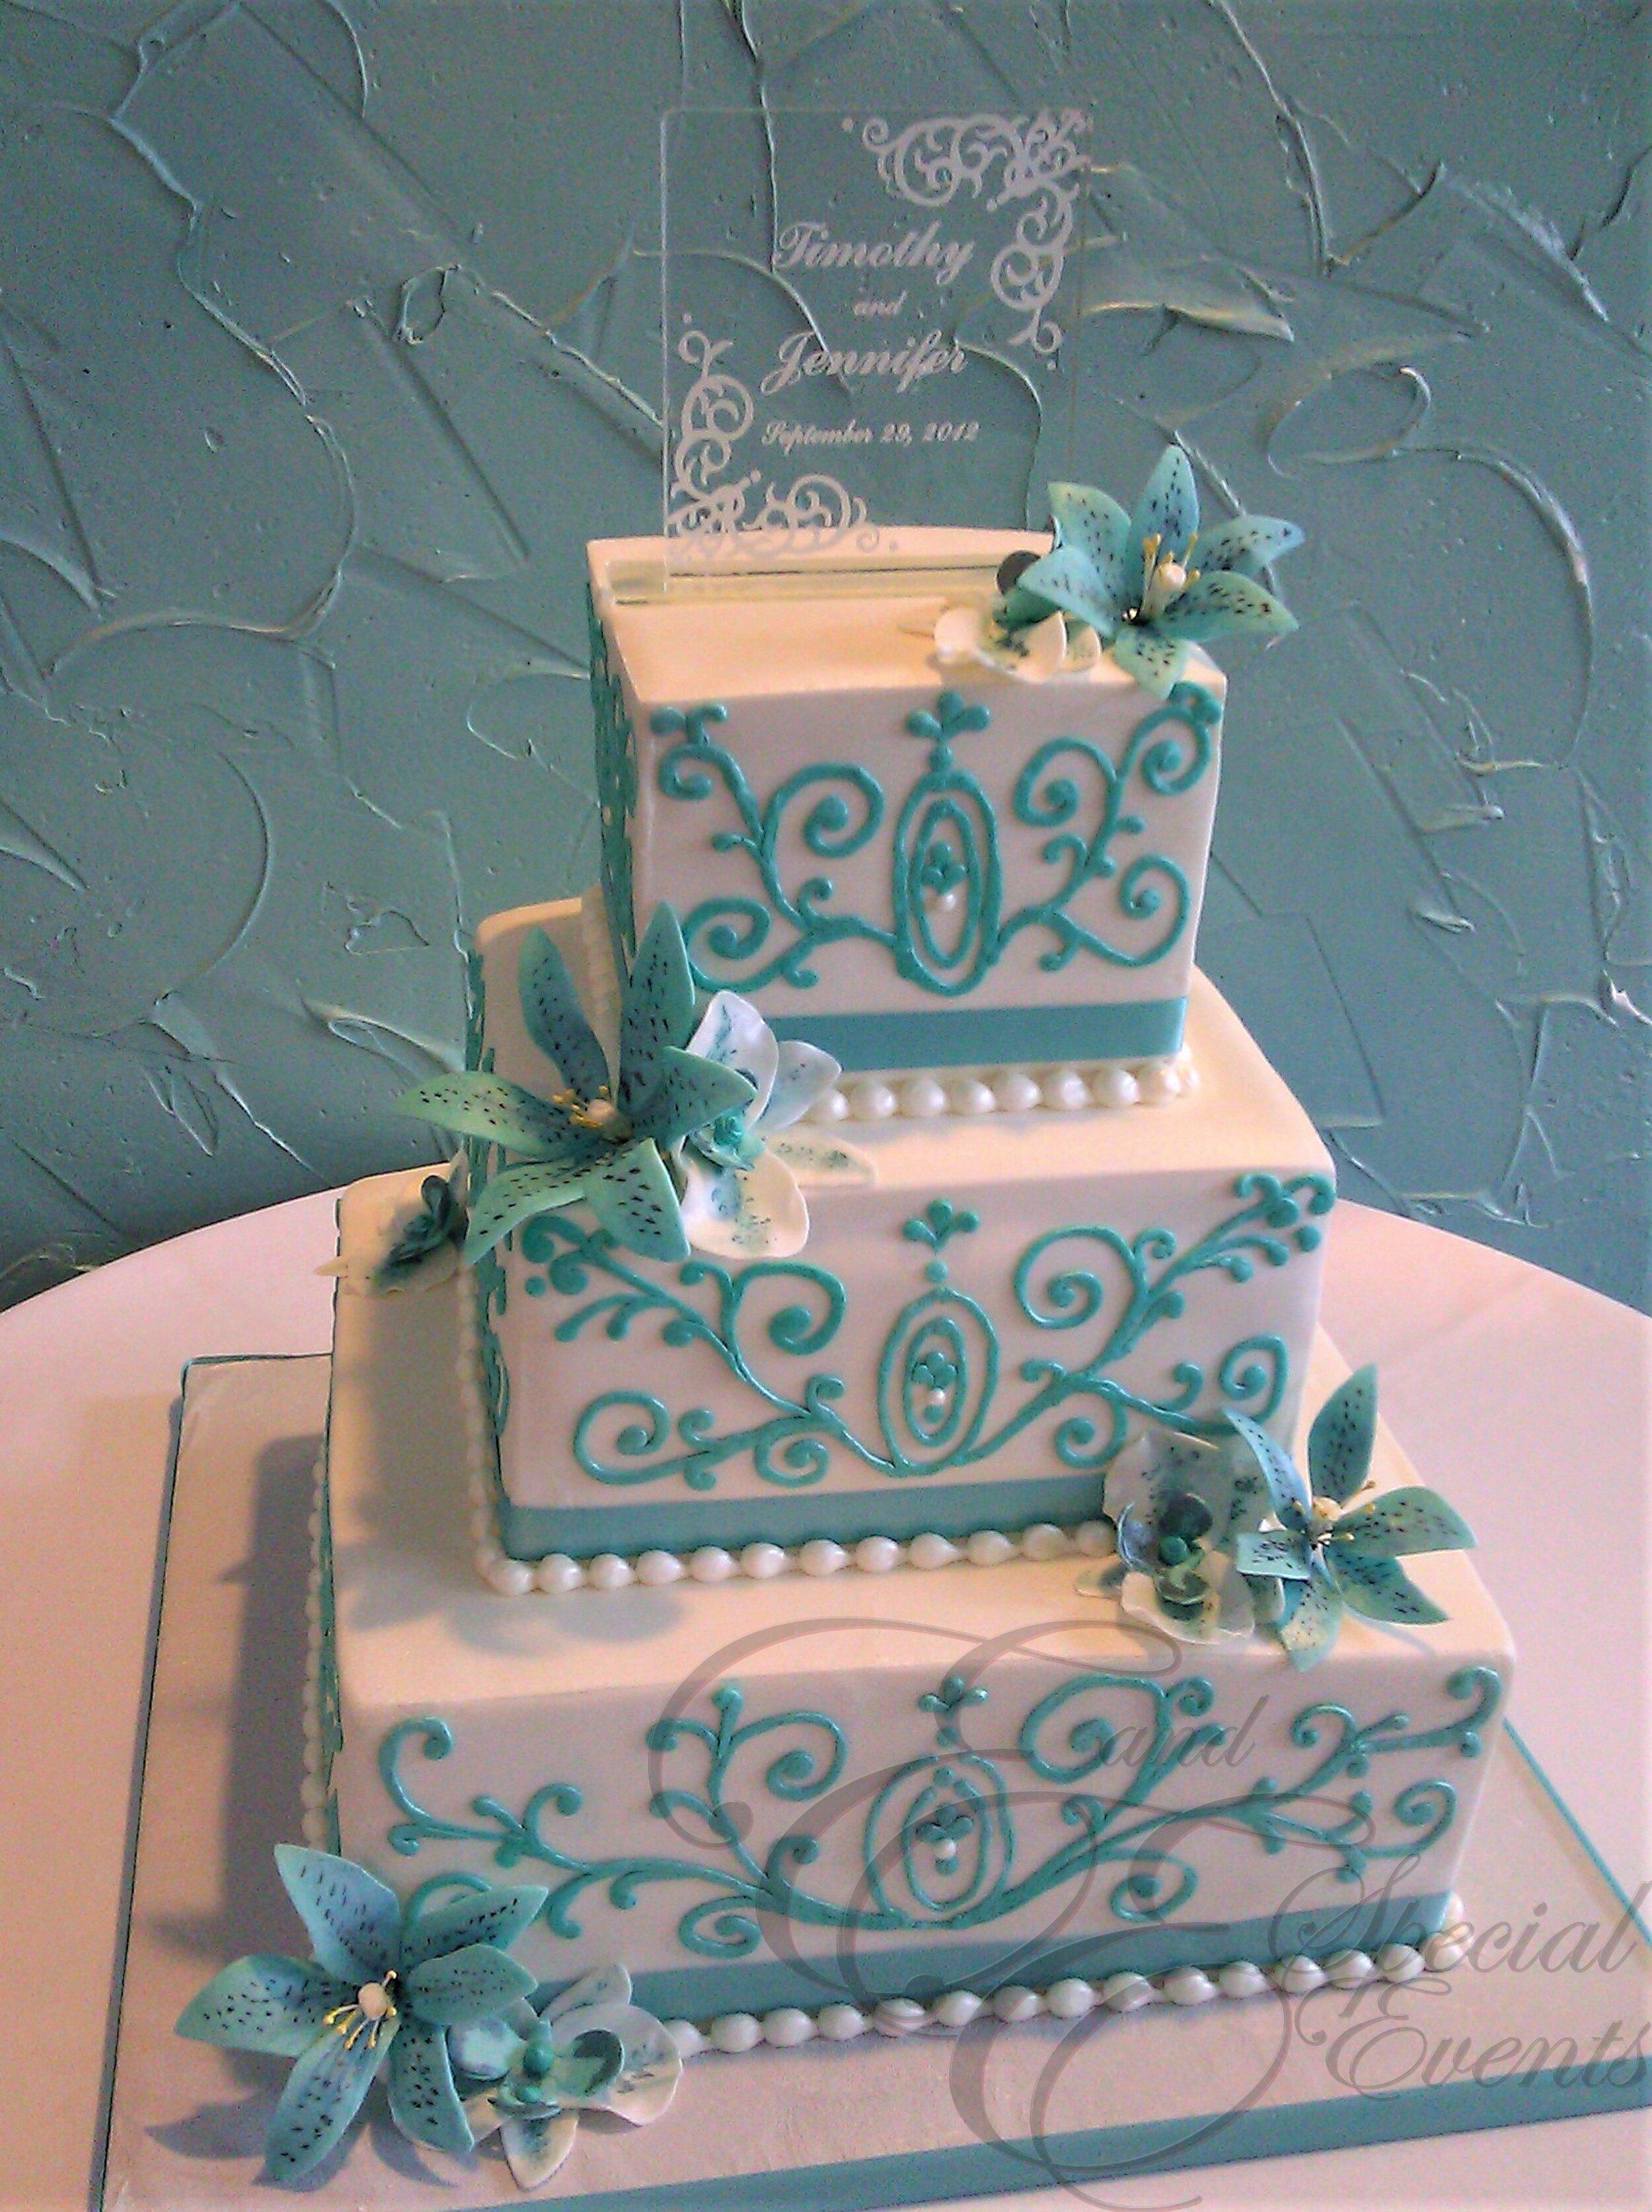 E_E_Special_Events_Wedding_Cakes_Virginia_Beach_Hampton_Roads_Simple_Designs23.jpg